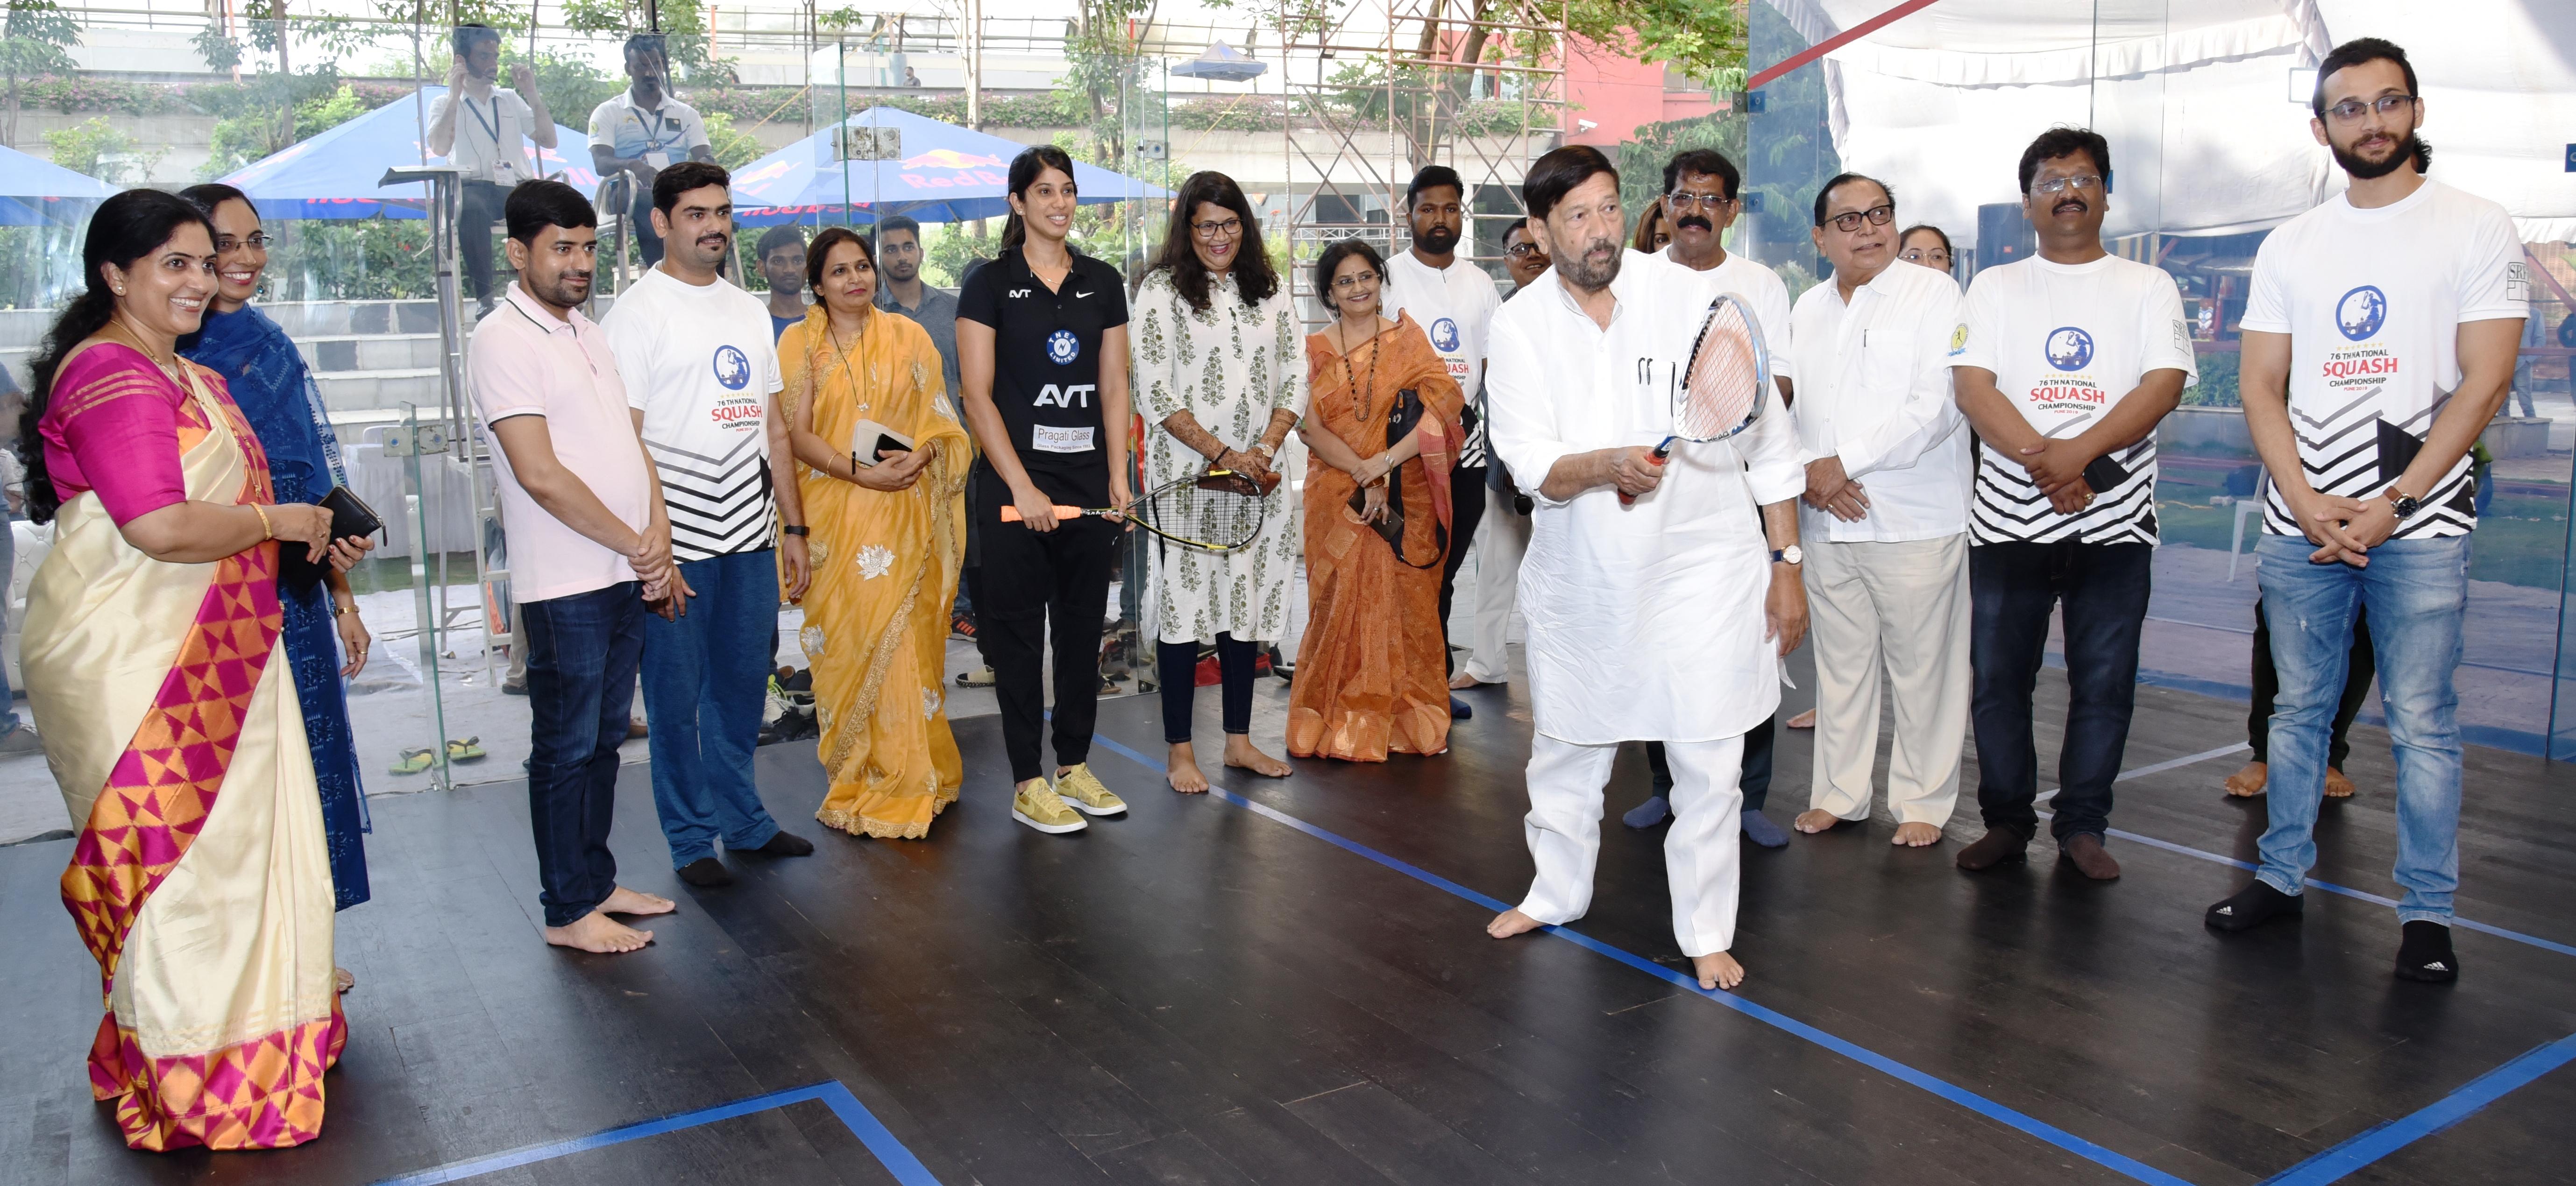 एमएसआरए 76व्या वरिष्ठ राष्ट्रीय स्क्वॅश 2019 अजिंक्यपद स्पर्धेत वीर चॊत्रानी, सुनीता पटेल यांनी उदघाटनाचा दिवस गाजवला